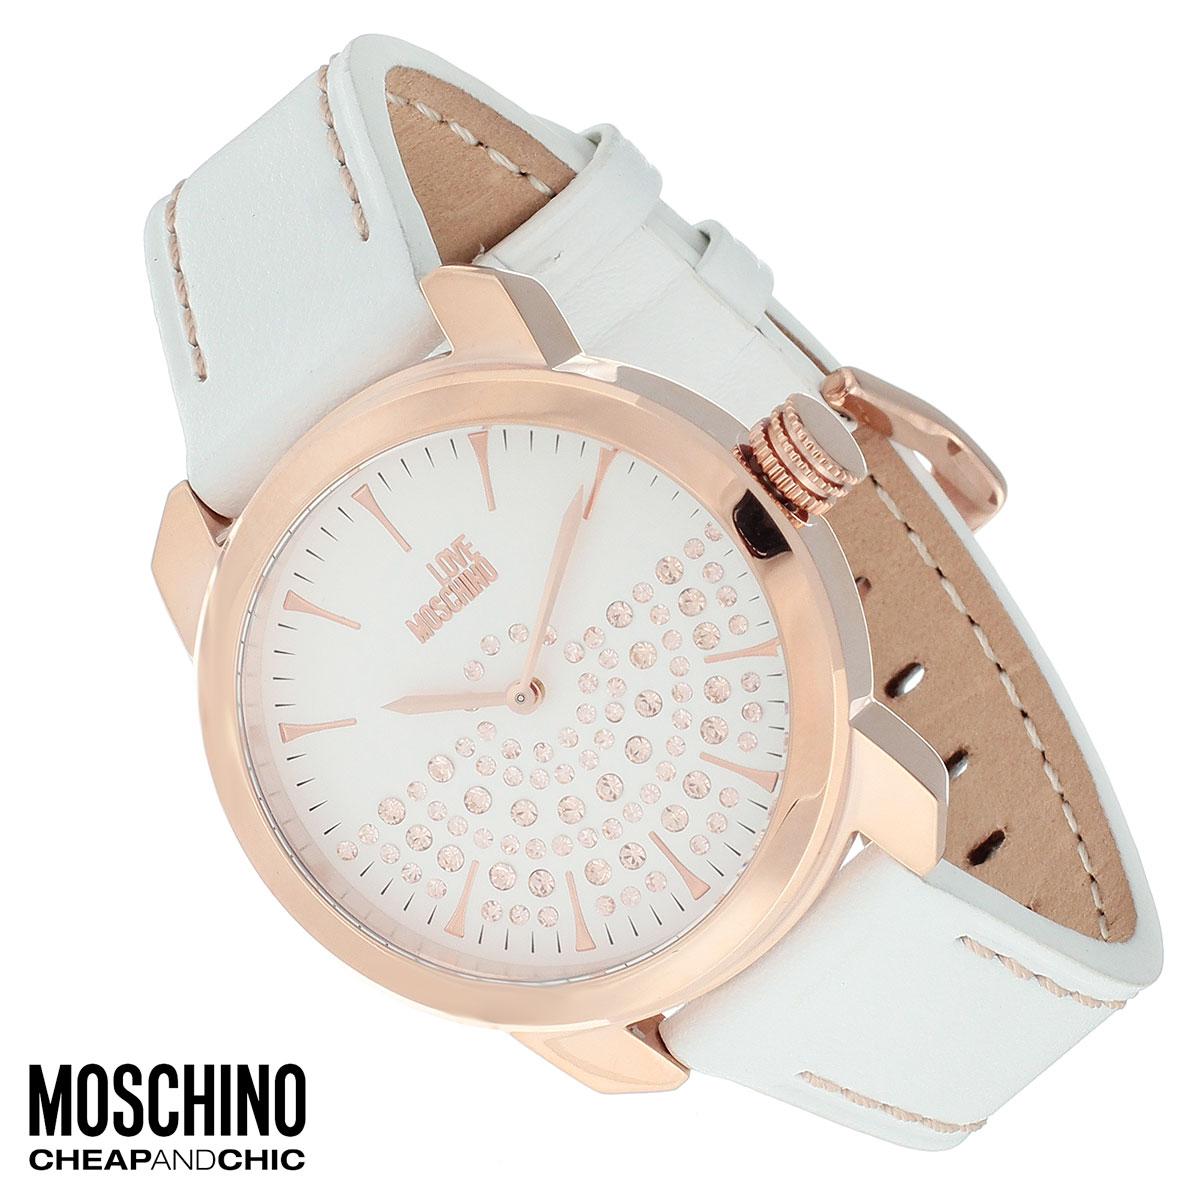 Часы женские наручные Moschino, цвет: белый, золотистый. MW0443MW0443Наручные часы от известного итальянского бренда Moschino - это не только стильный и функциональный аксессуар, но и современные технологи, сочетающиеся с экстравагантным дизайном и индивидуальностью. Часы Moschino оснащены кварцевым механизмом. Корпус выполнен из высококачественной нержавеющей стали с PVD-покрытием. Циферблат с отметками, оформлен стразами и надписью Love Moschino и защищен минеральным стеклом. Часы имеют две стрелки - часовую и минутную. Ремешок часов выполнен из натуральной кожи и имеет классическую застежку. Часы упакованы в фирменную металлическую коробку с логотипом бренда. Часы Moschino благодаря своему уникальному дизайну отличаются от часов других марок своеобразными циферблатами, функциональностью, а также набором уникальных технических свойств. Каждой модели присуща легкая экстравагантность, самобытность и, безусловно, великолепный вкус. Характеристики: Диаметр циферблата: 3,2 см. Размер...